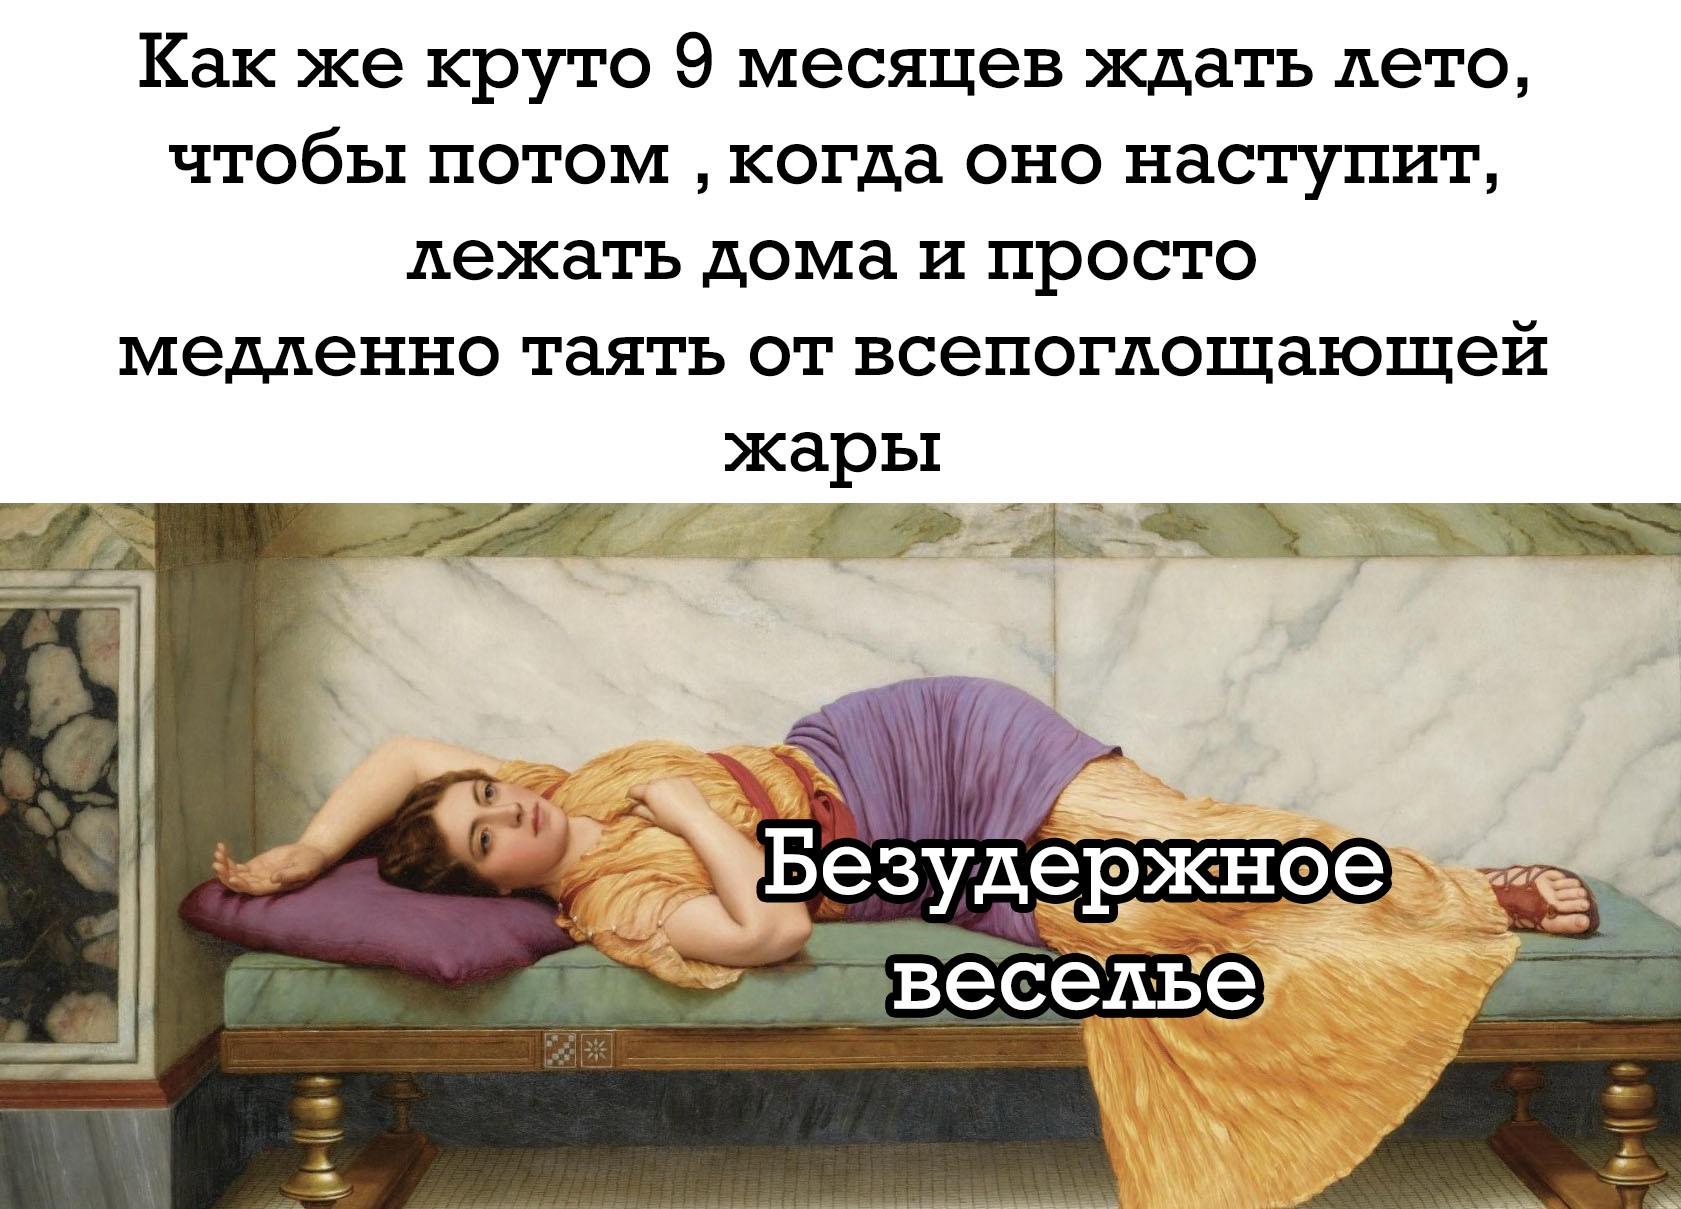 Окончательное решение женщины редко бывает последним